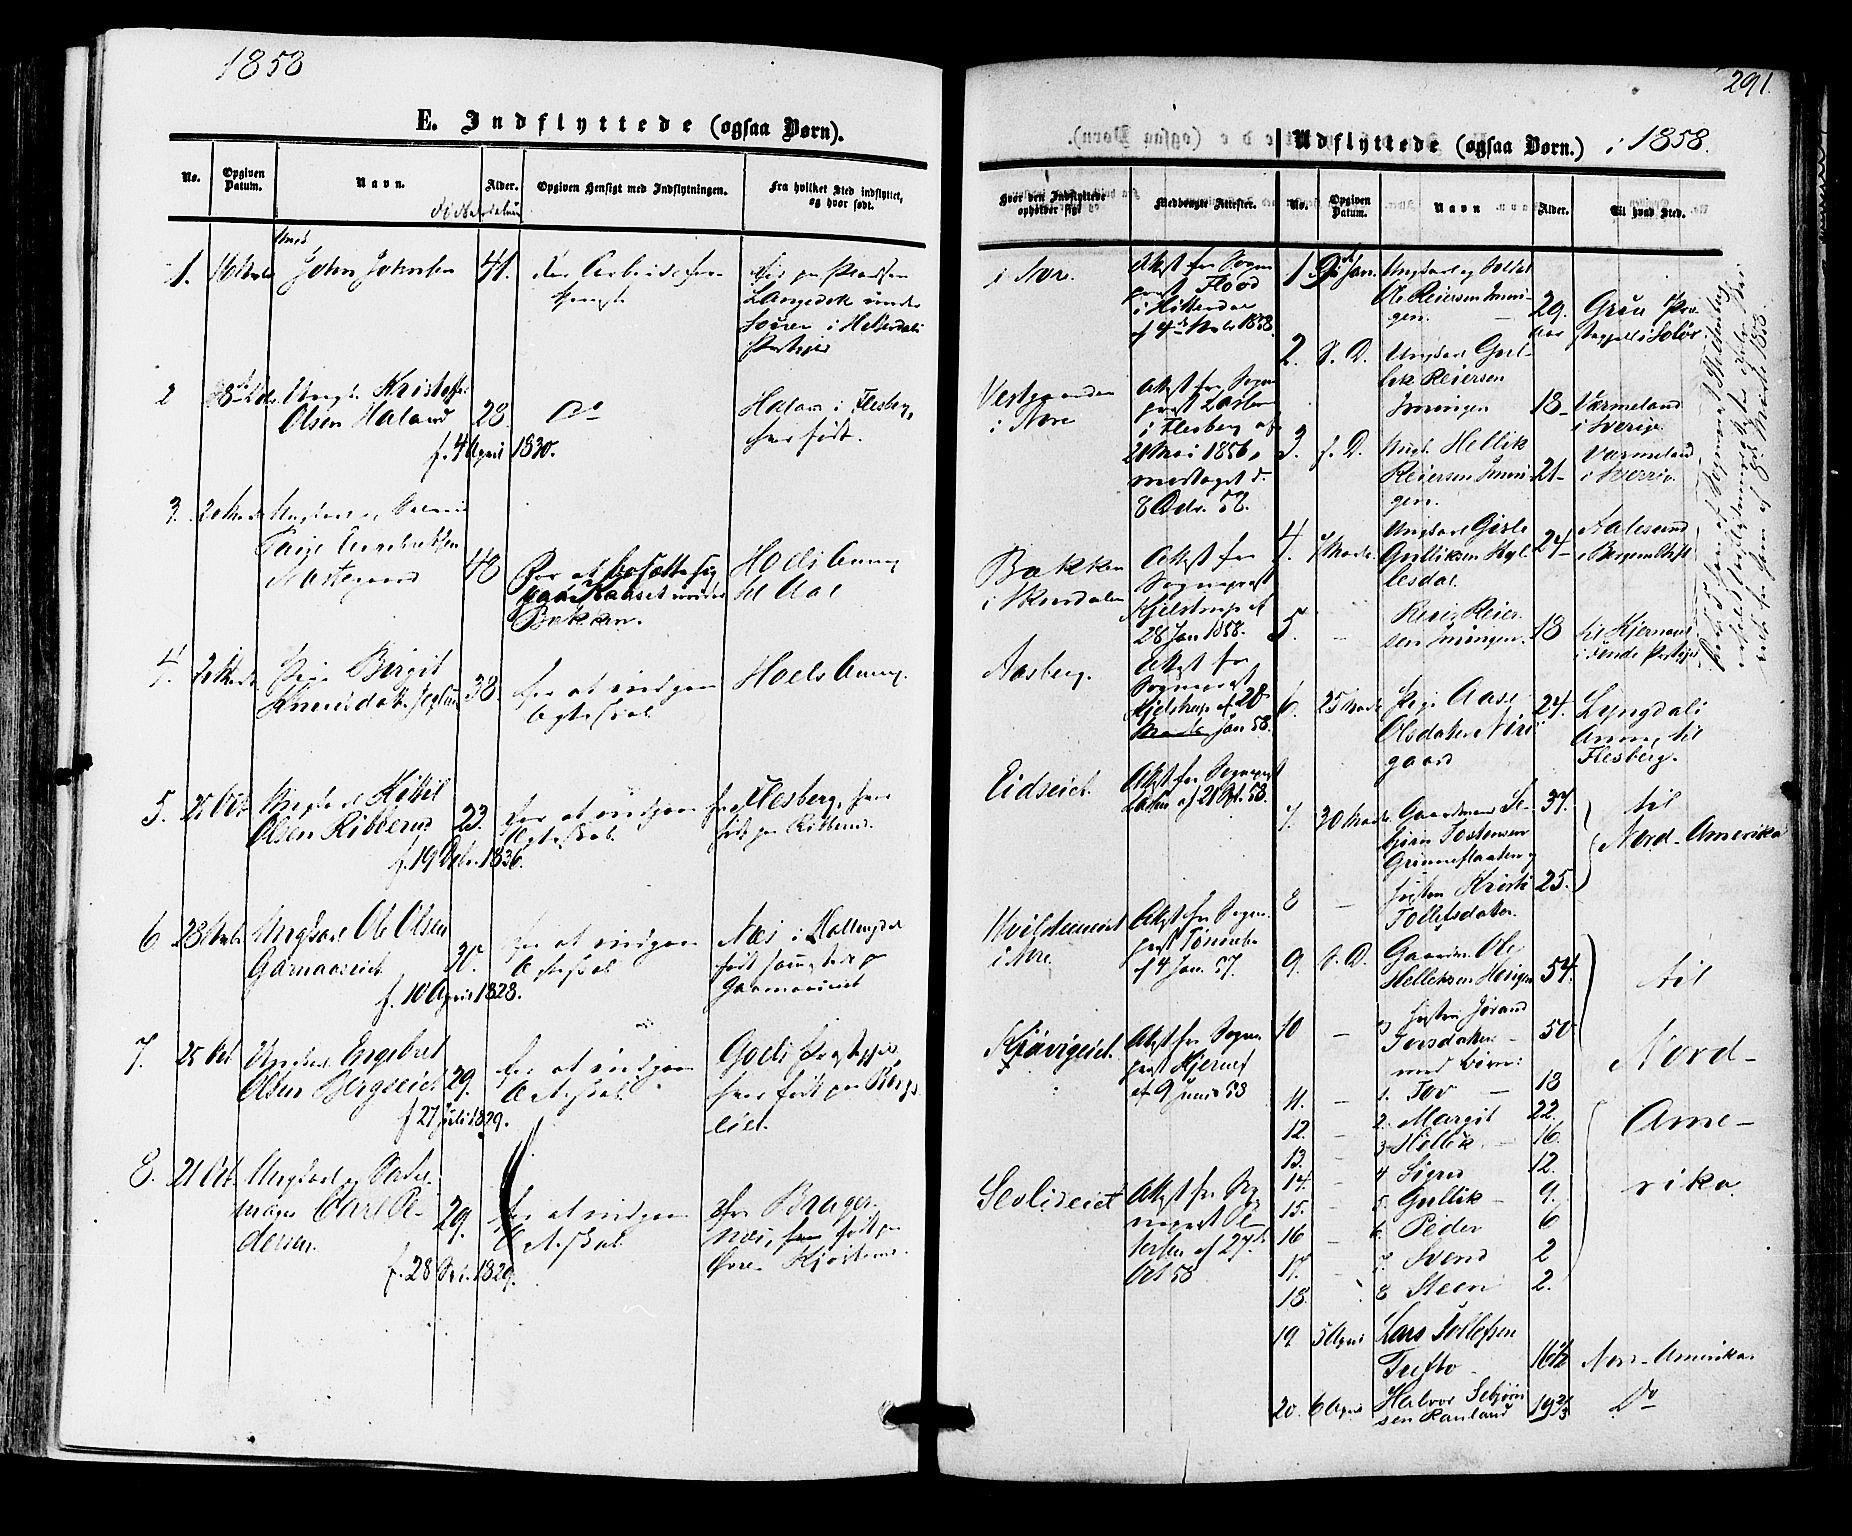 SAKO, Nore kirkebøker, F/Fa/L0003: Ministerialbok nr. I 3, 1858-1866, s. 291